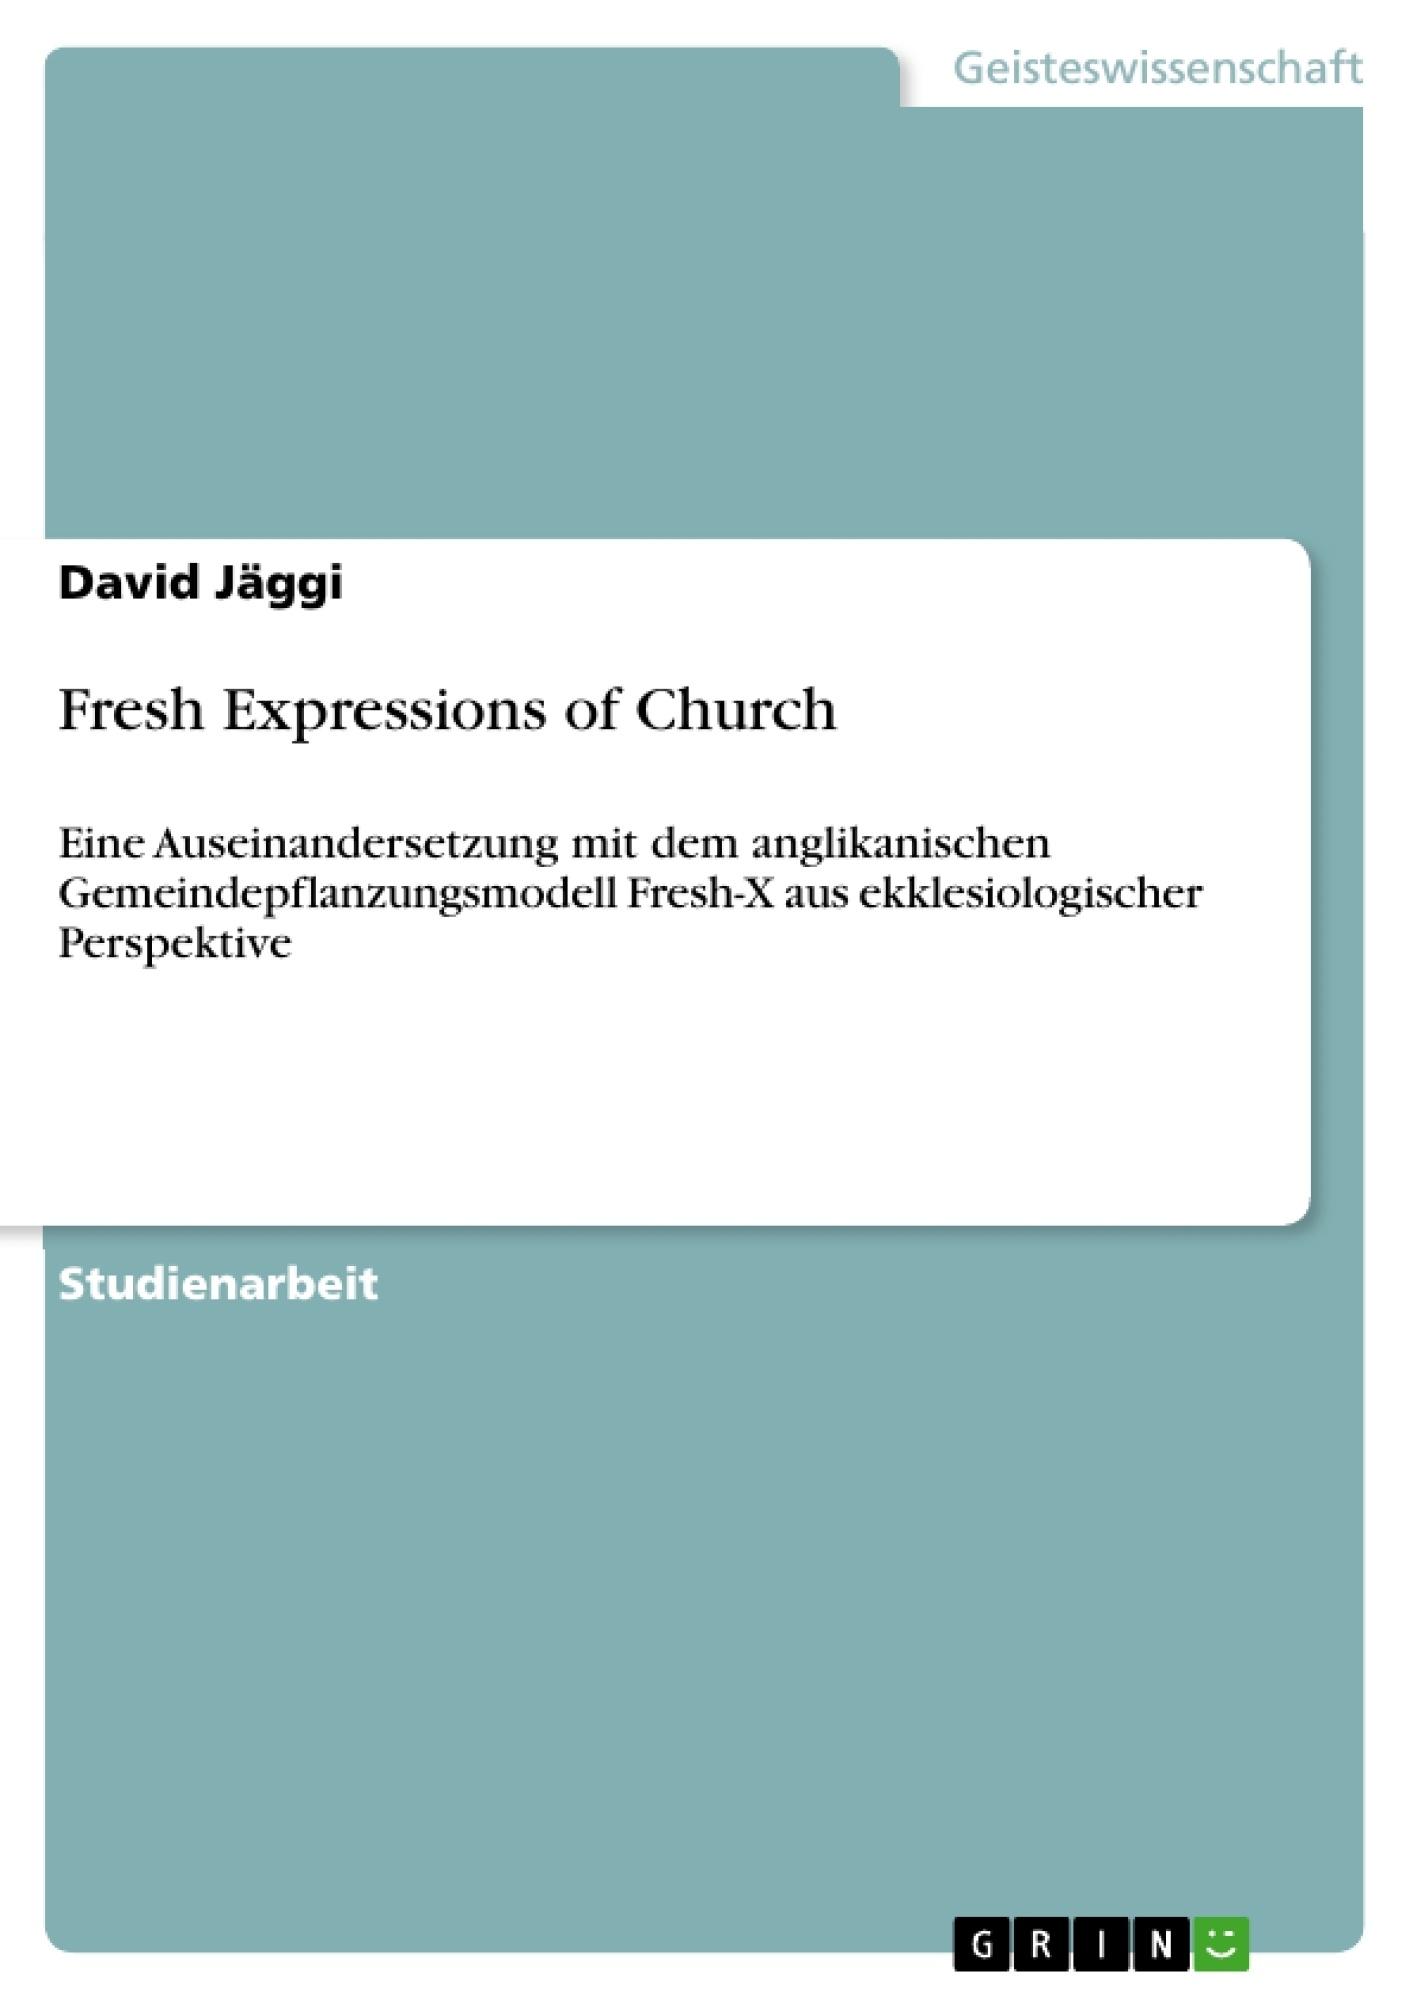 Titel: Fresh Expressions of Church